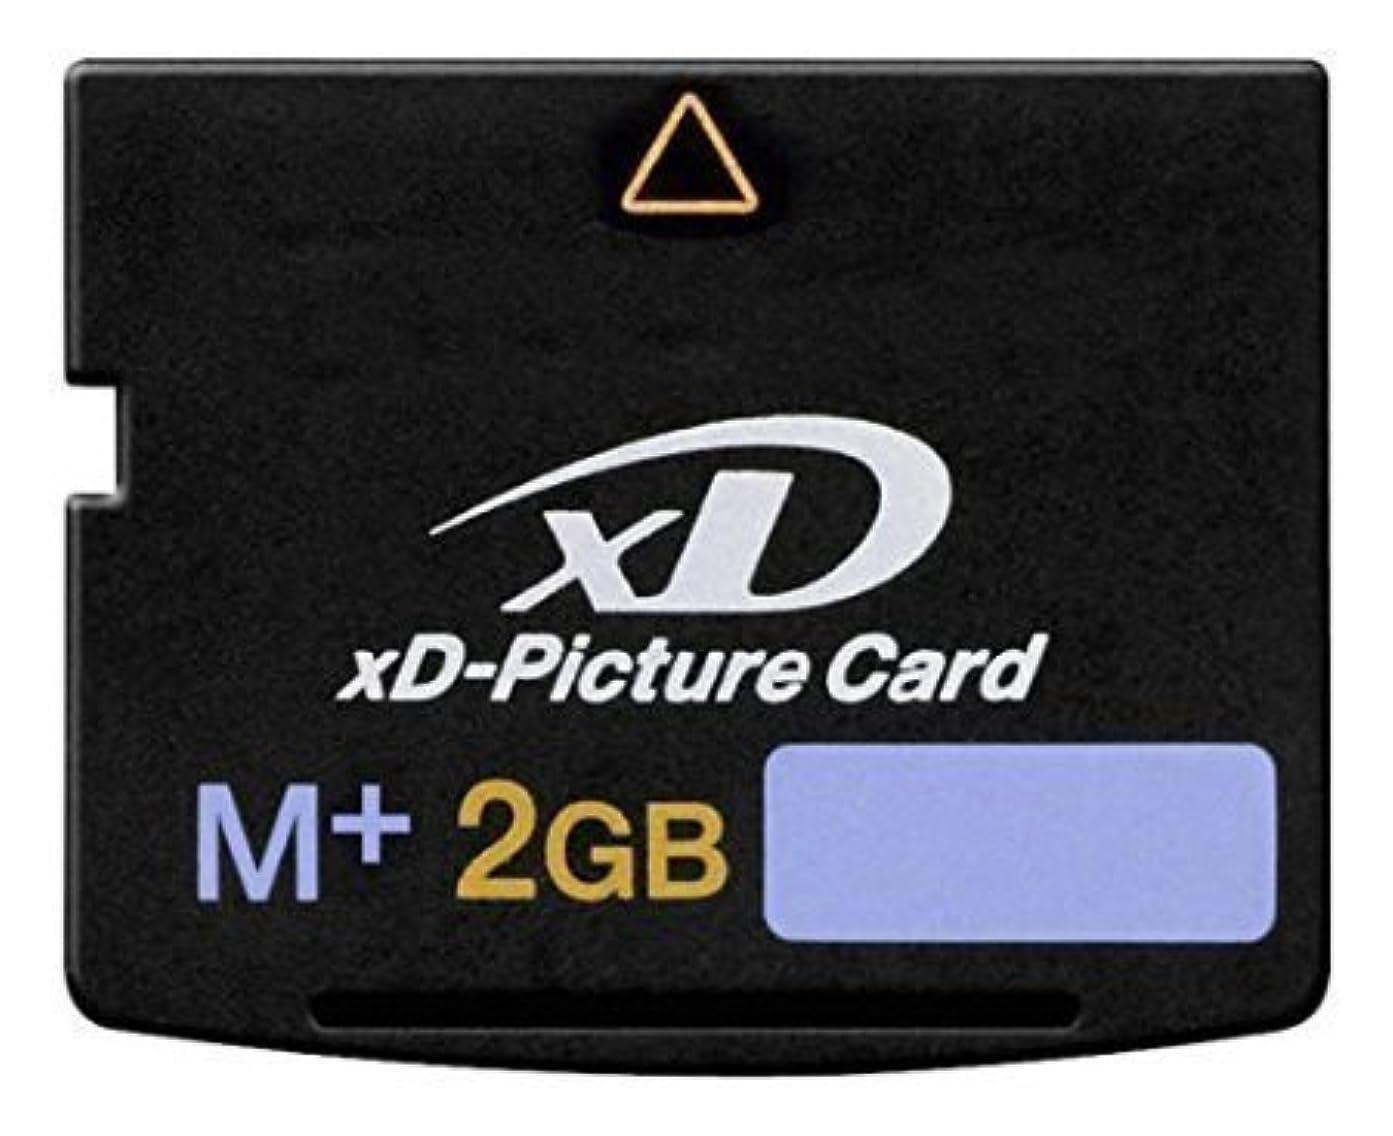 アンカー暗くするに頼る2GB xD Picture Memory Card Type M+ for Olympus & Fuji [並行輸入品]